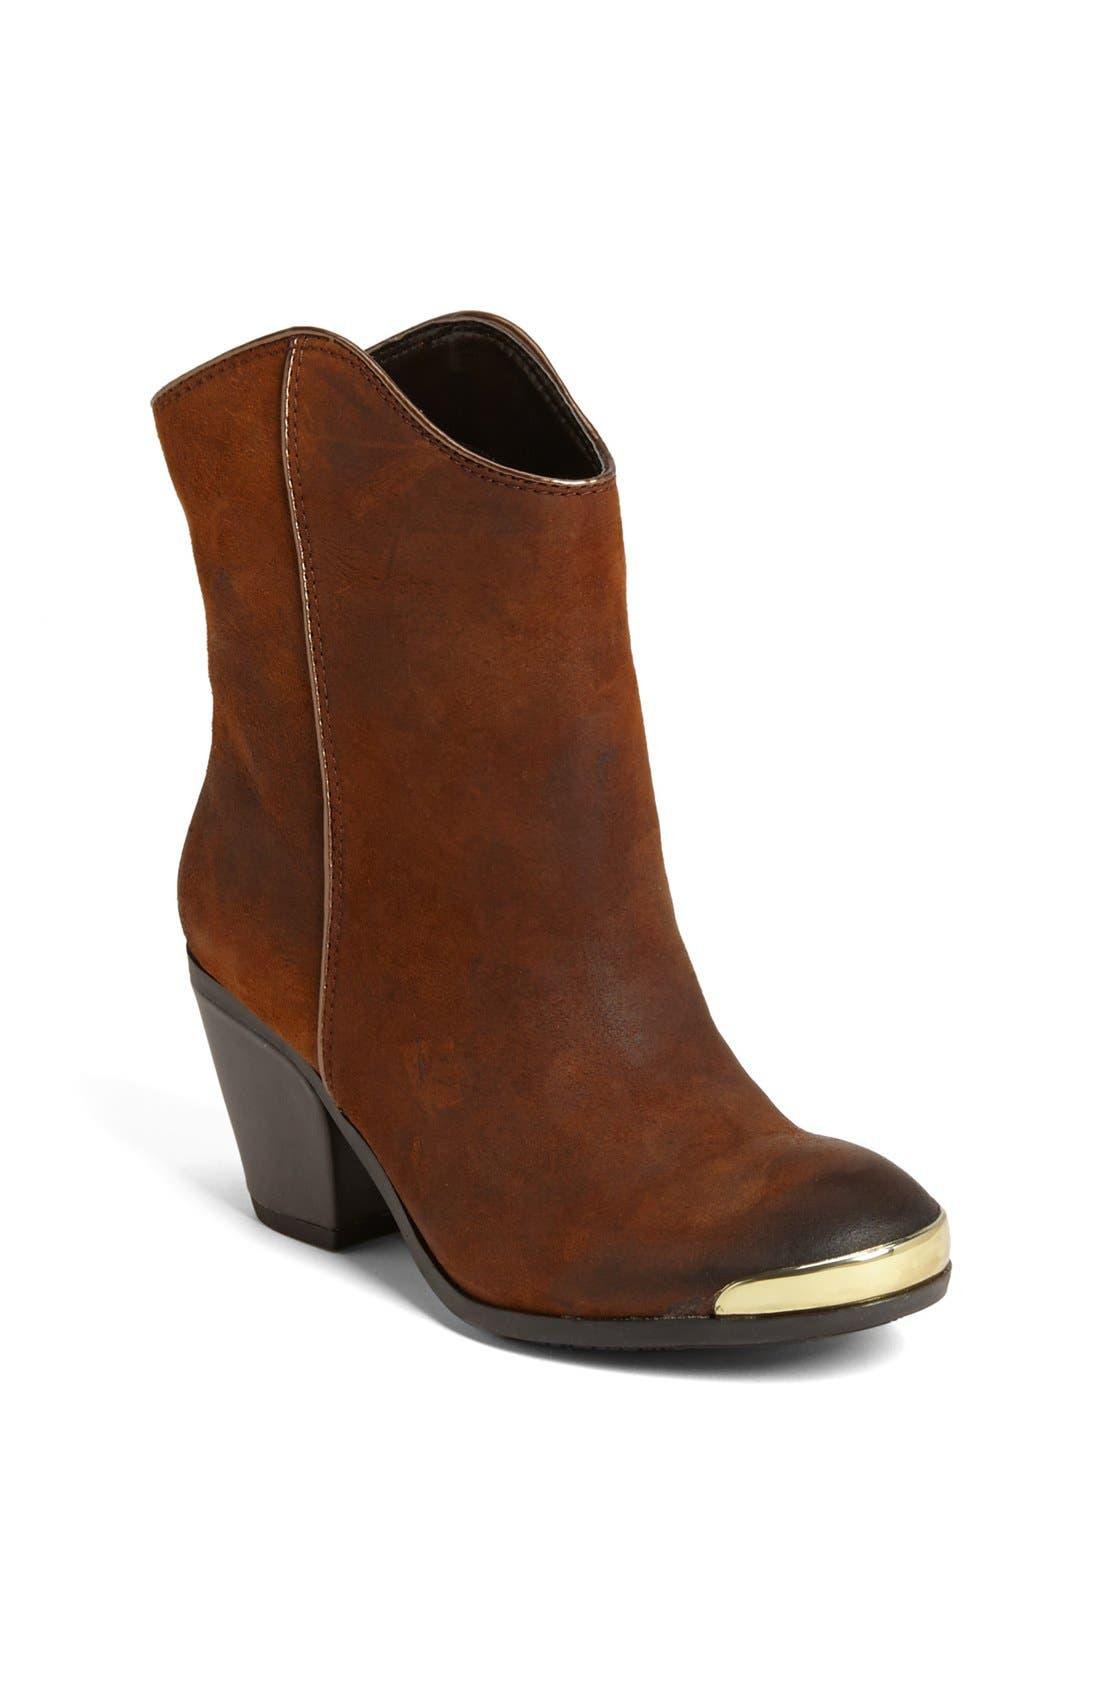 Main Image - Fergie 'Chambers' Boot